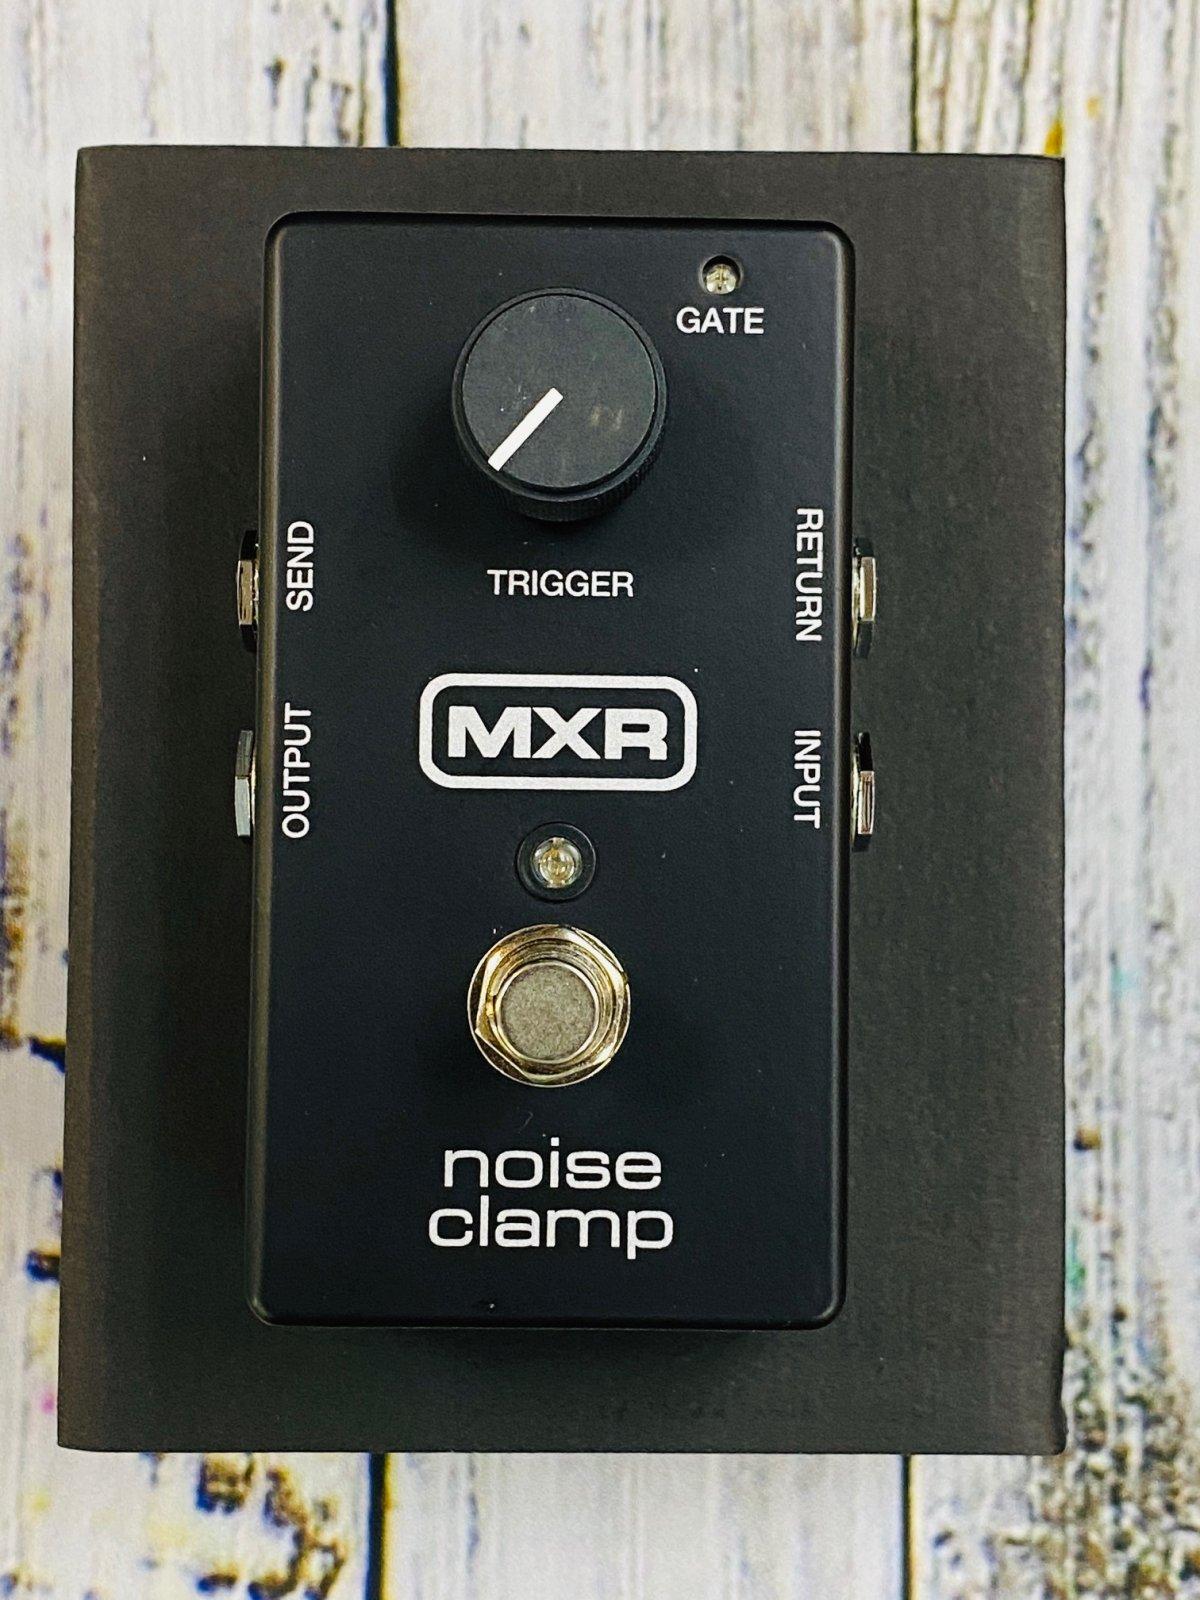 MXR M195 Noise Clamp Noise Reduction / Noise Gate Pedal